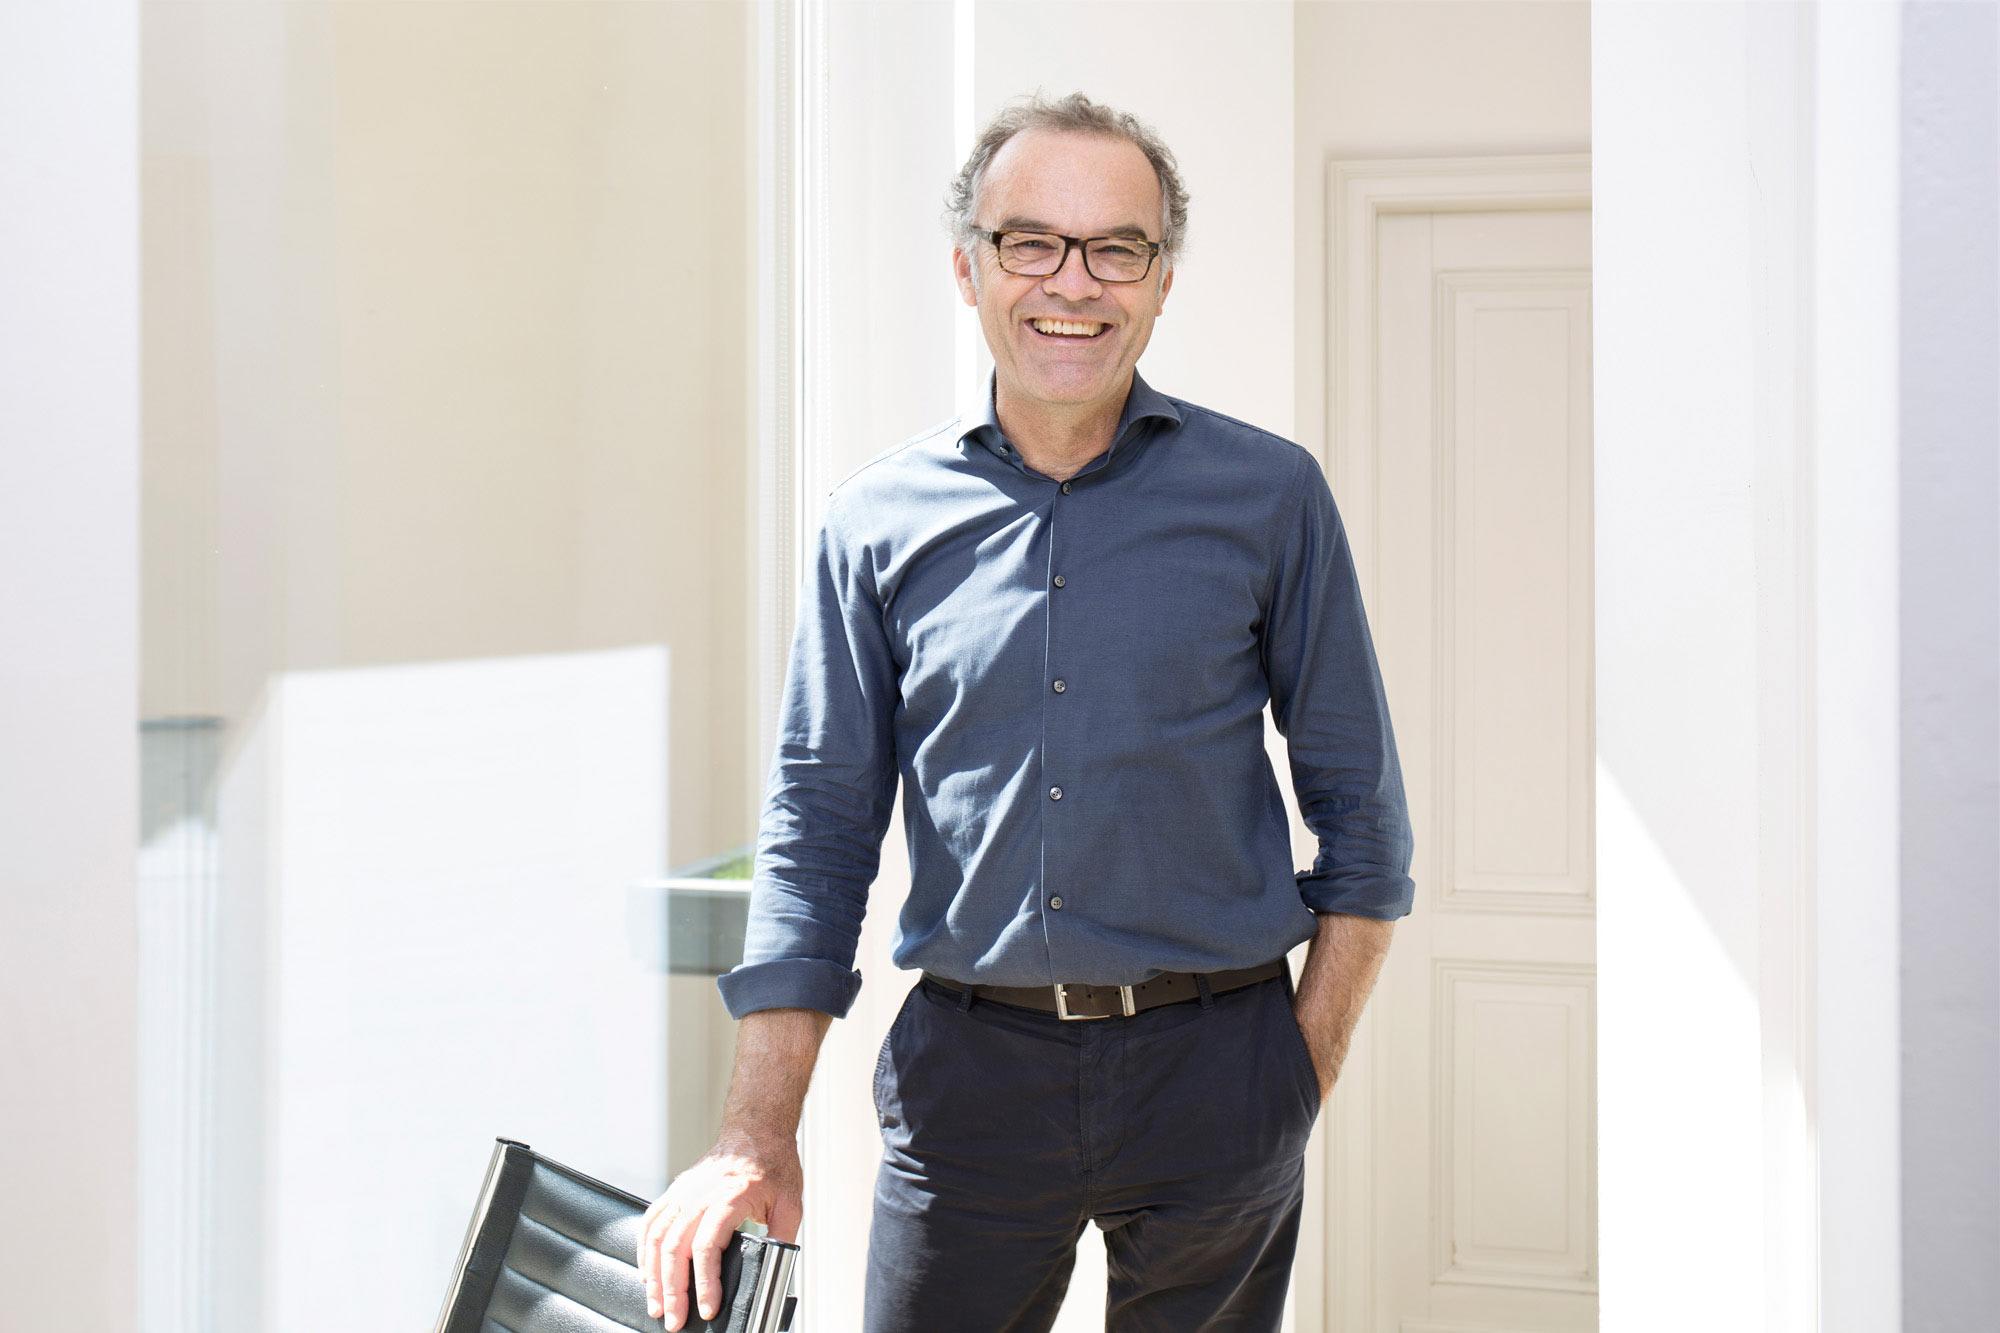 Corporate Business-Portrait-Foto von Rolf Schulte, Rechtsanwalt in seinem Büro in Bonn.